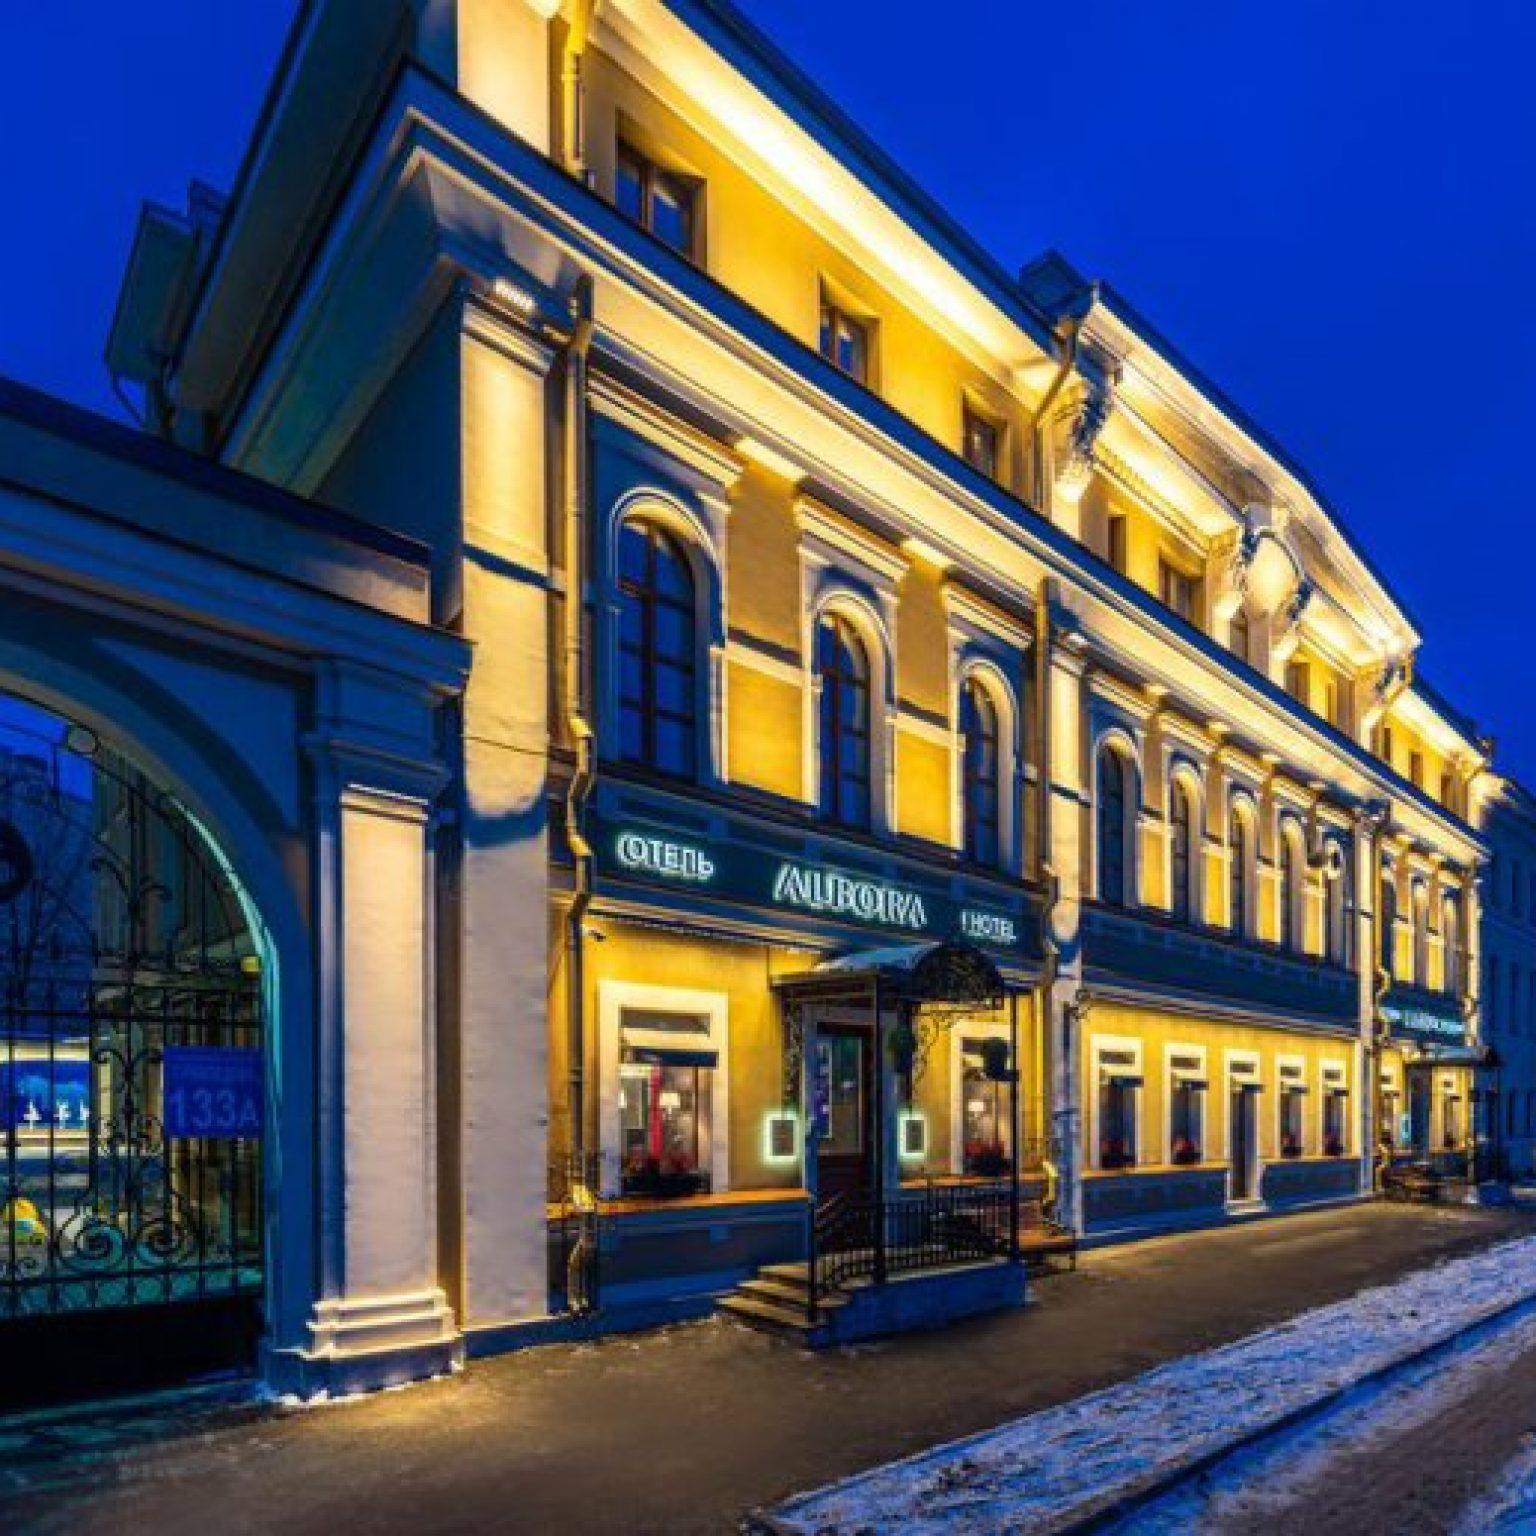 Где остановиться в Санкт-Петербурге - Boutique Hotel Albora